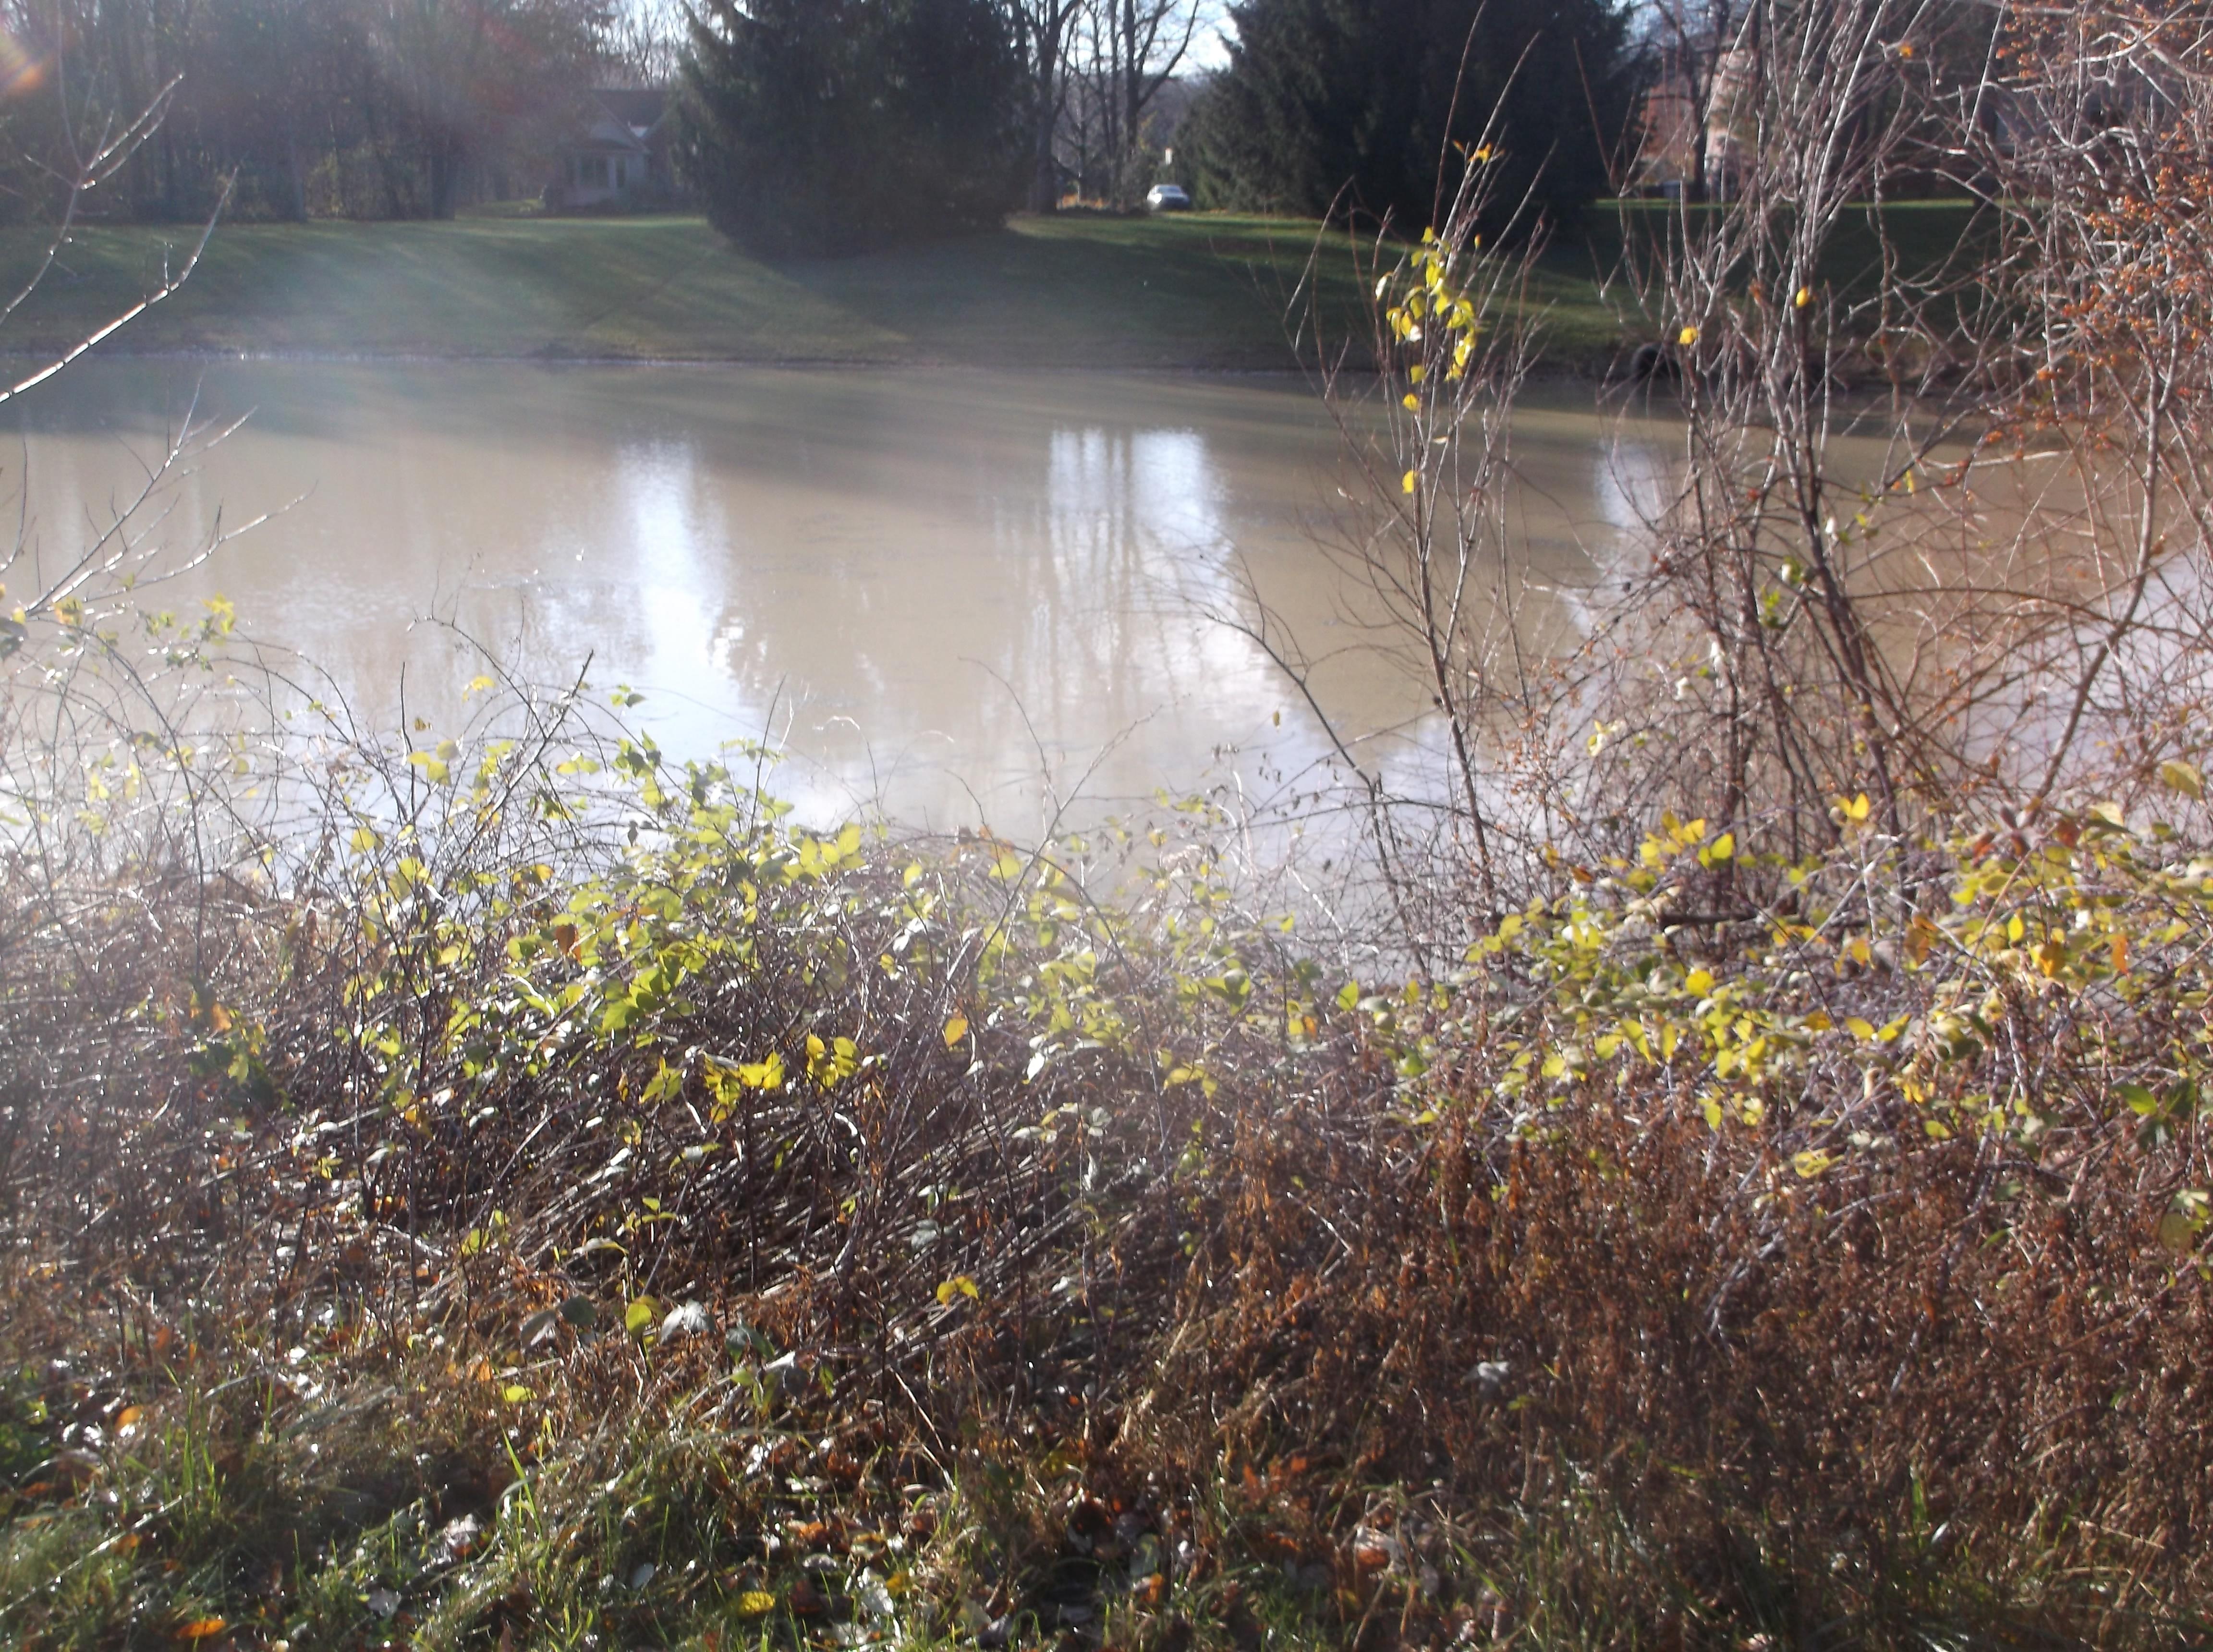 Dave HOA pond berm leak fix (1).jpg